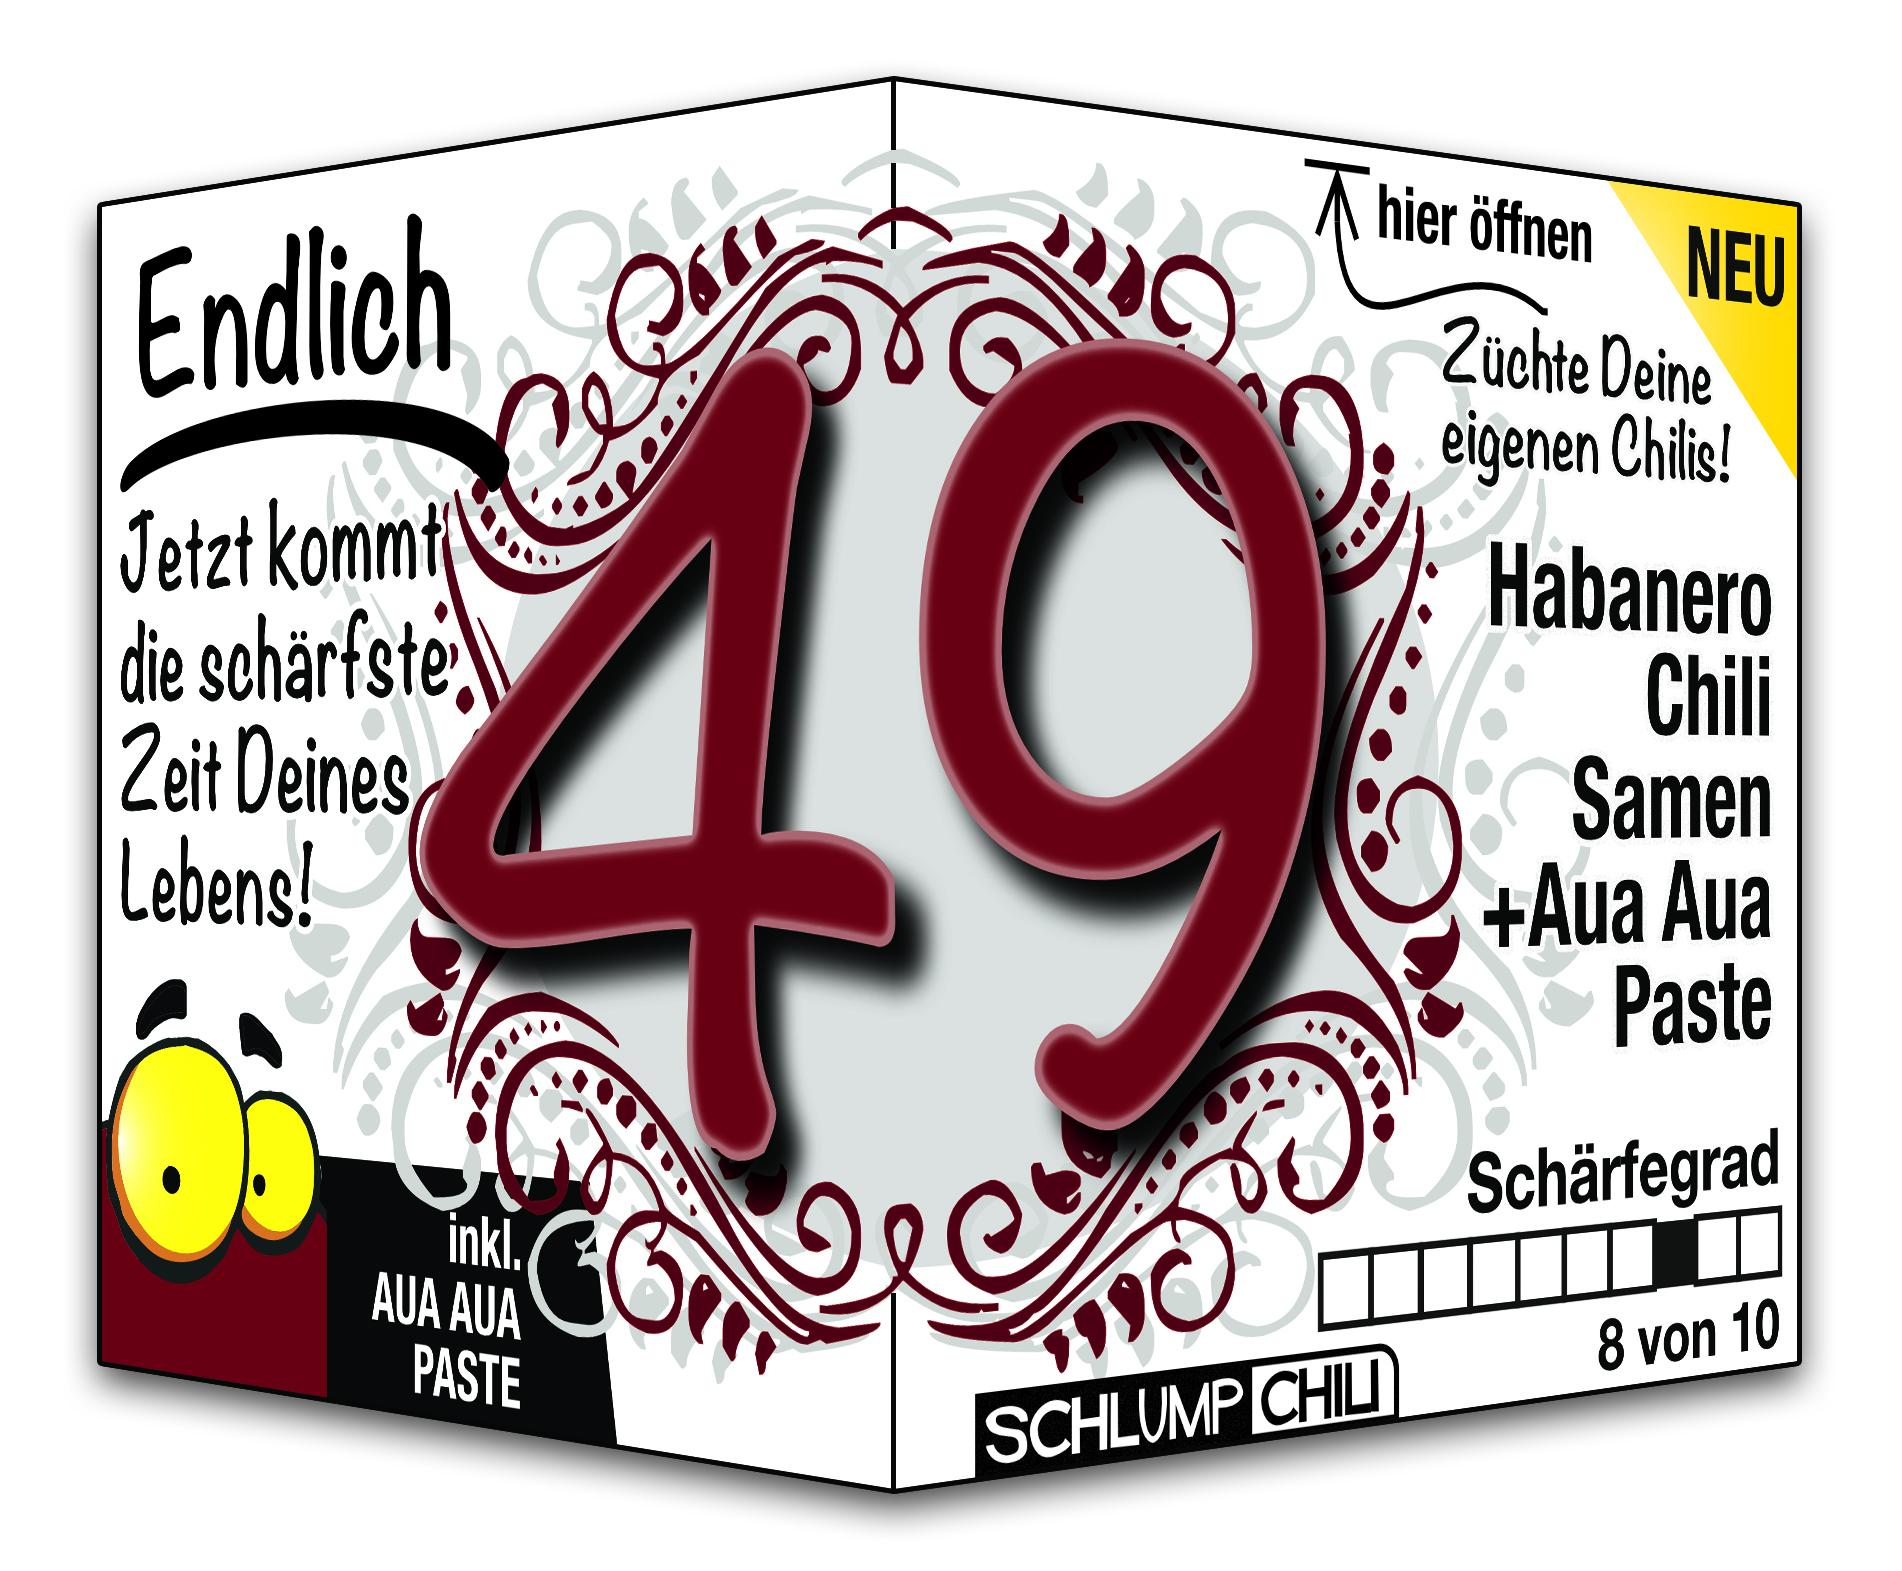 Geburtstagswünsche Zum 49 Geburtstag